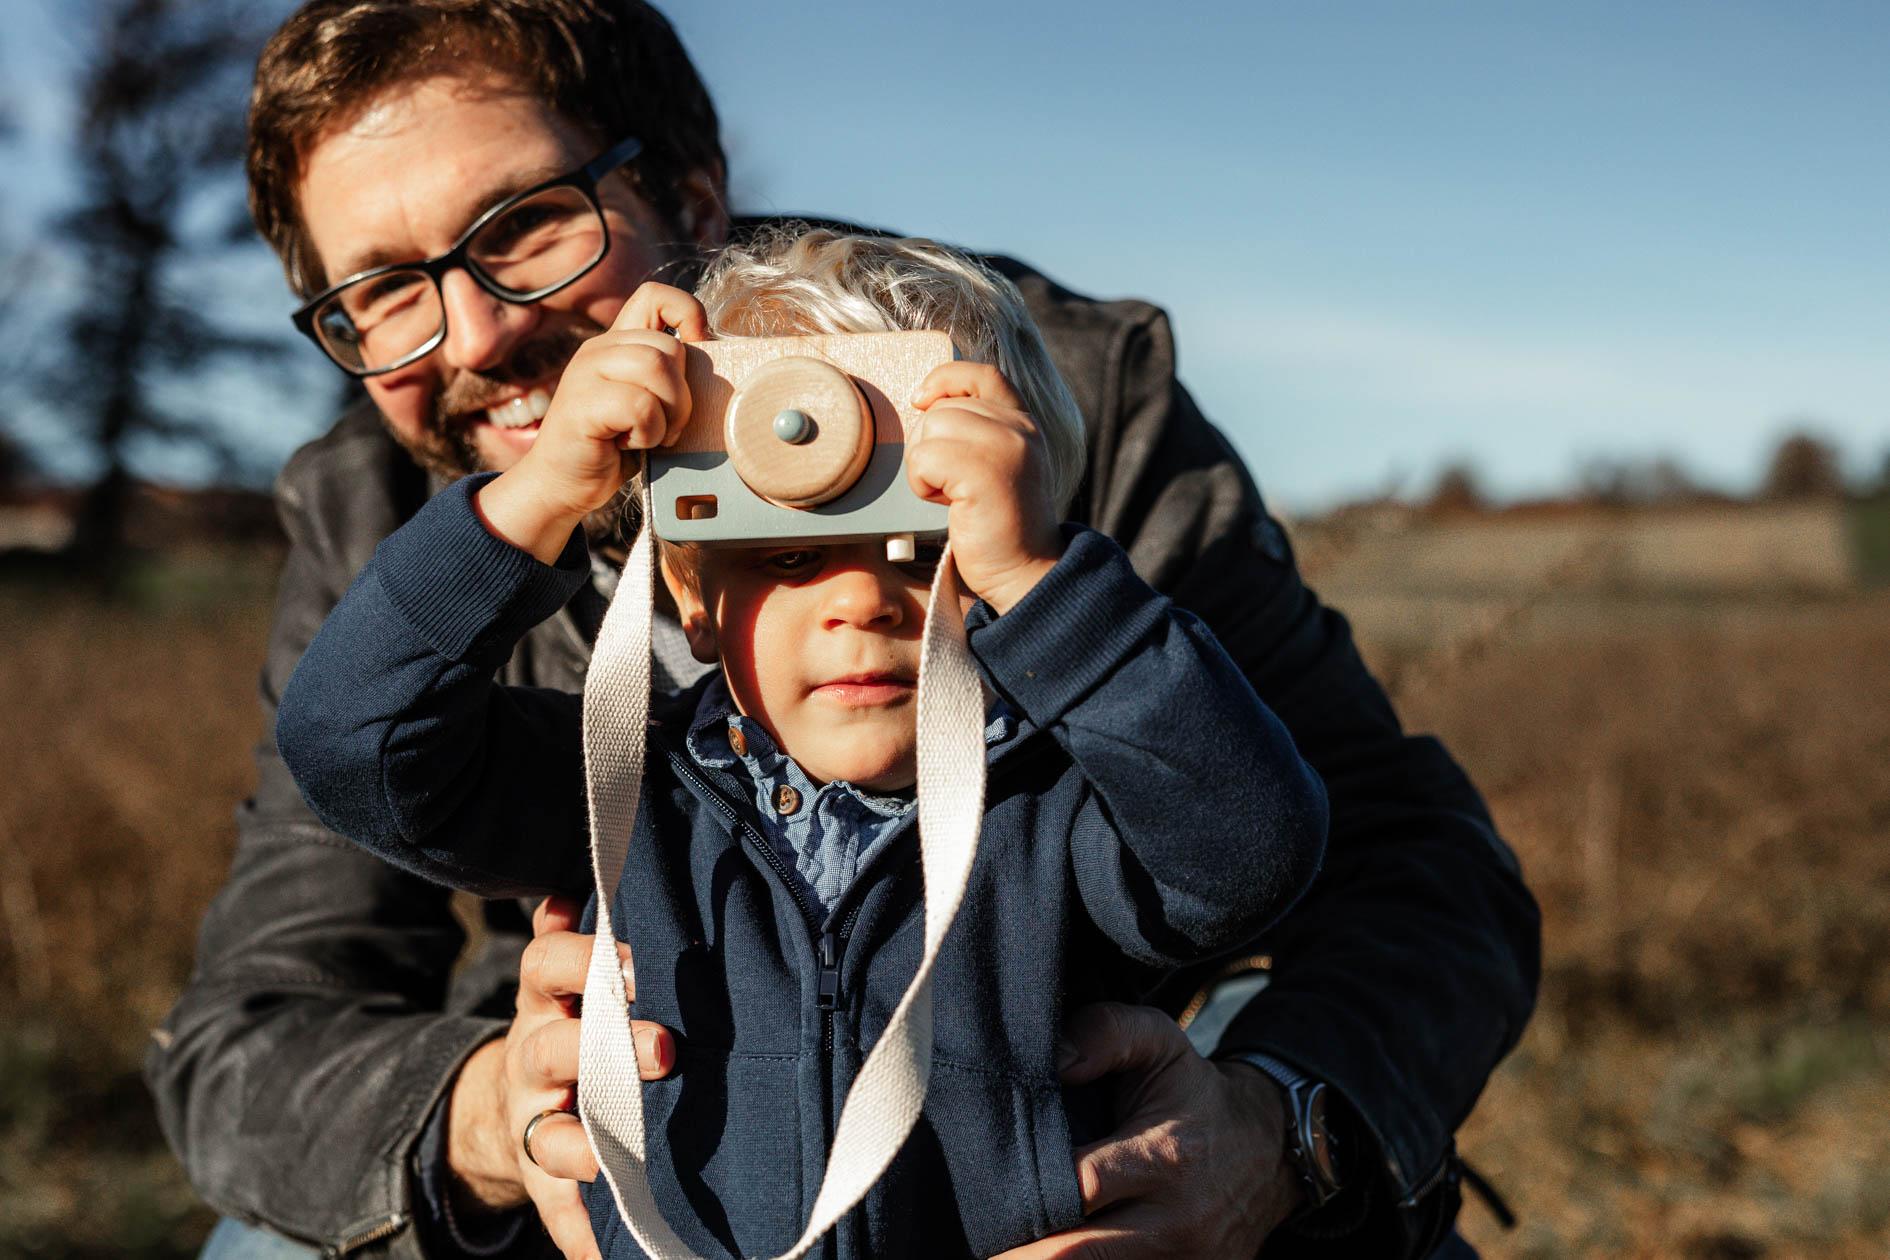 Papa mit Sohn Outdoor im Herbst mit der Lichtzeichnerin Simone Lerner